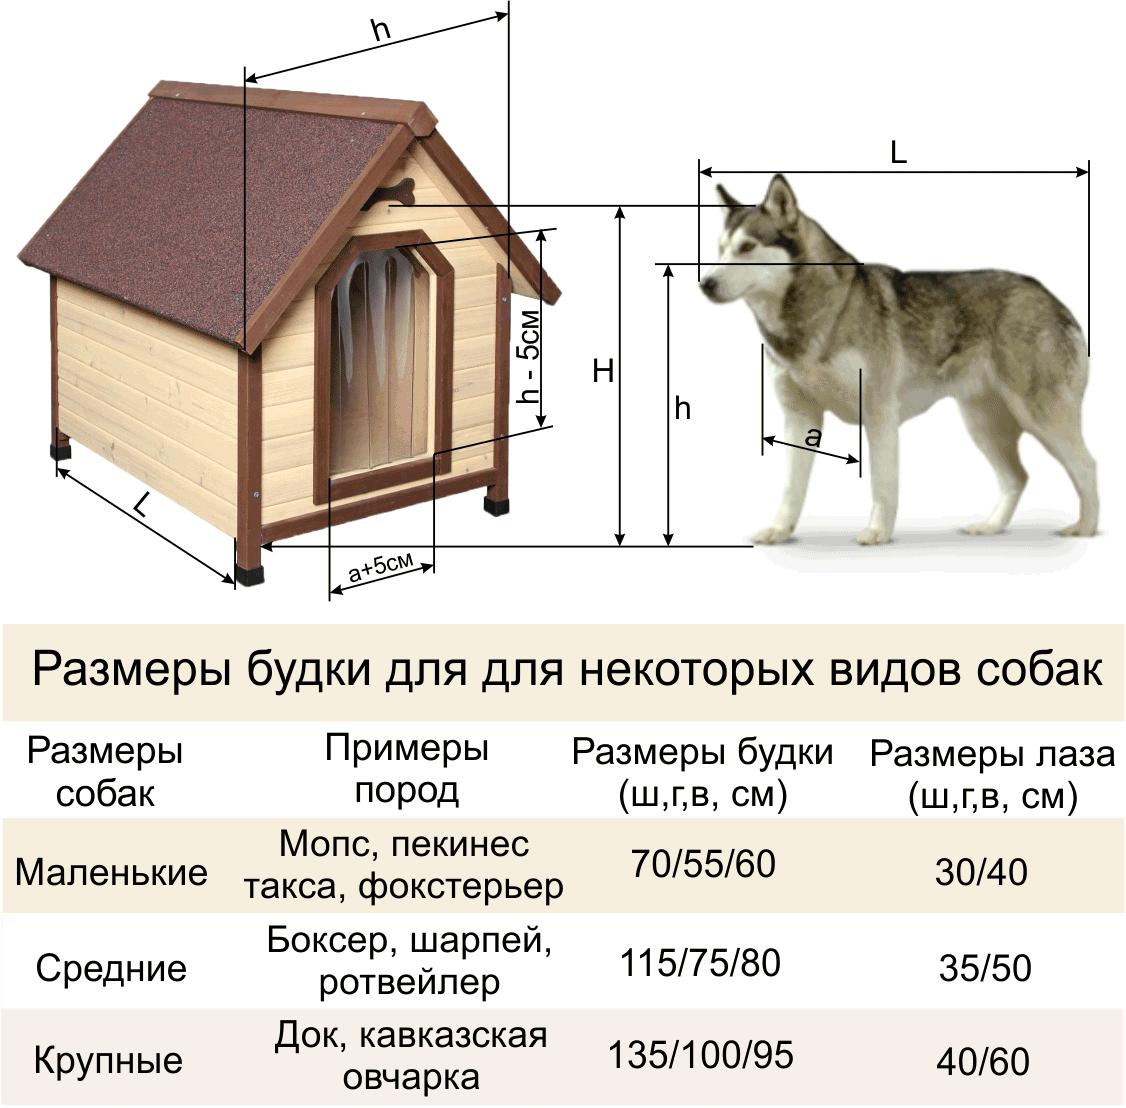 Собачья будка своими руками размеры и чертежи фото 538